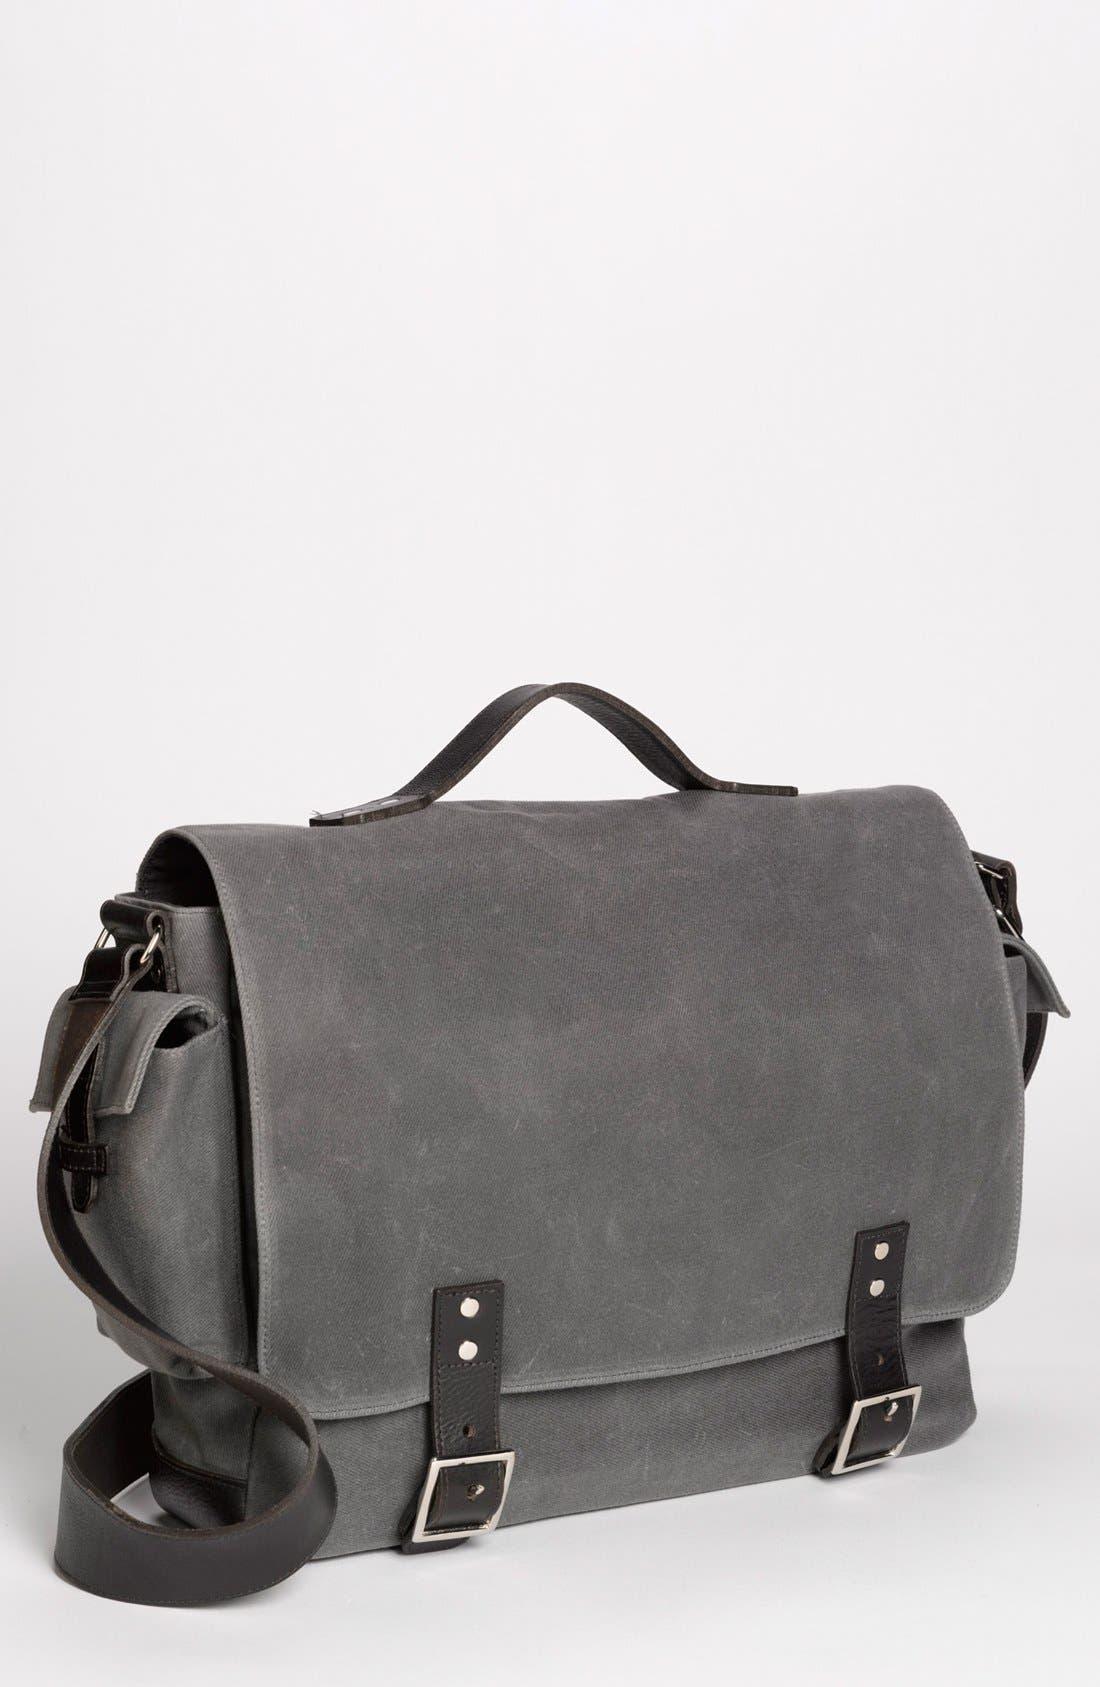 Alternate Image 1 Selected - Ernest Alexander 'Hudson' Messenger Bag